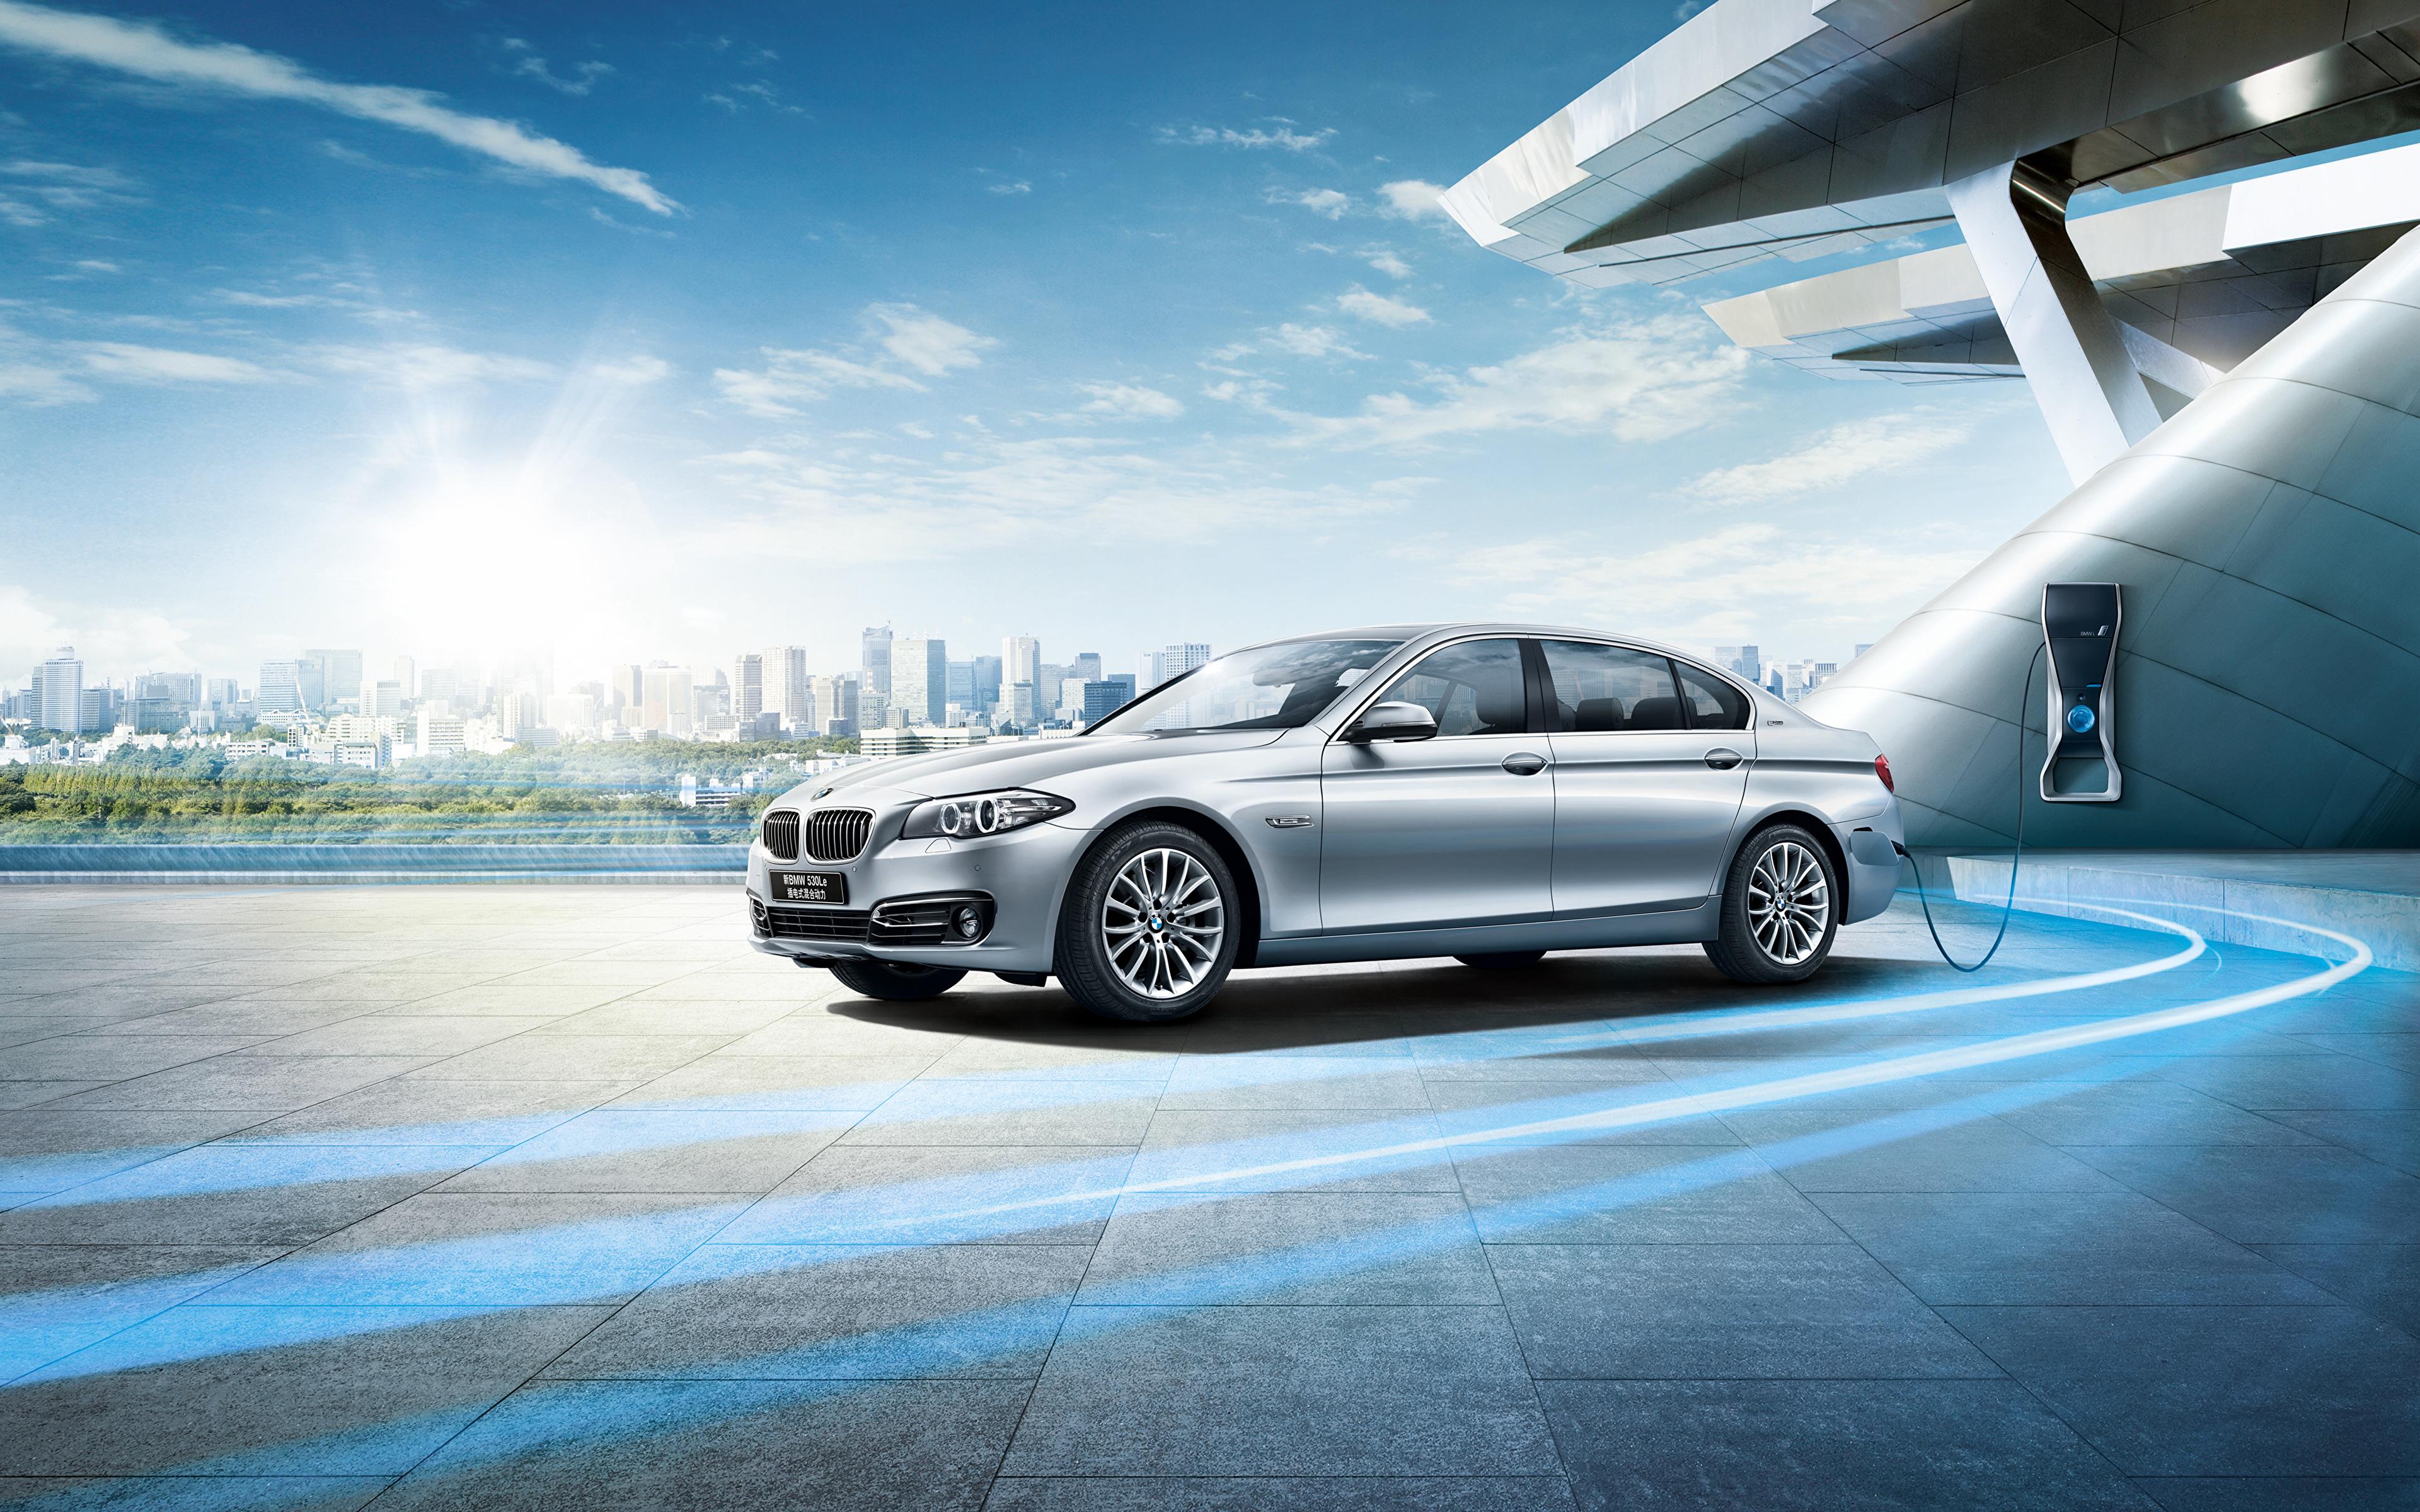 Картинки BMW F18 Седан Автомобили 3840x2400 БМВ авто машины машина автомобиль